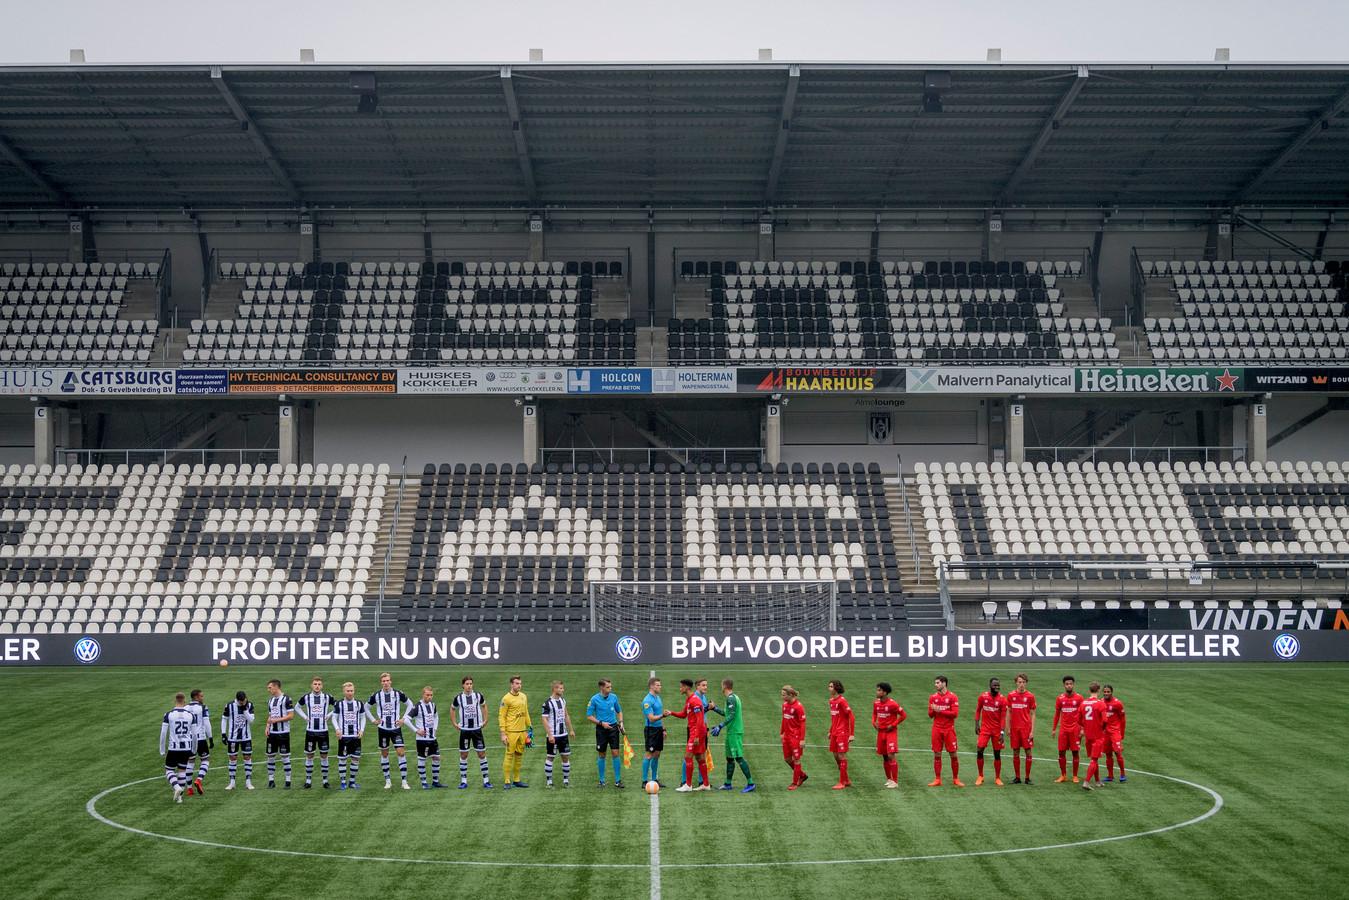 Het is de vraag of de wedstrijd Jong Heracles tegen Jong FC Twente nog gespeeld gaat worden nu de KNVB een tweede elftal niet meer verplicht stelt.